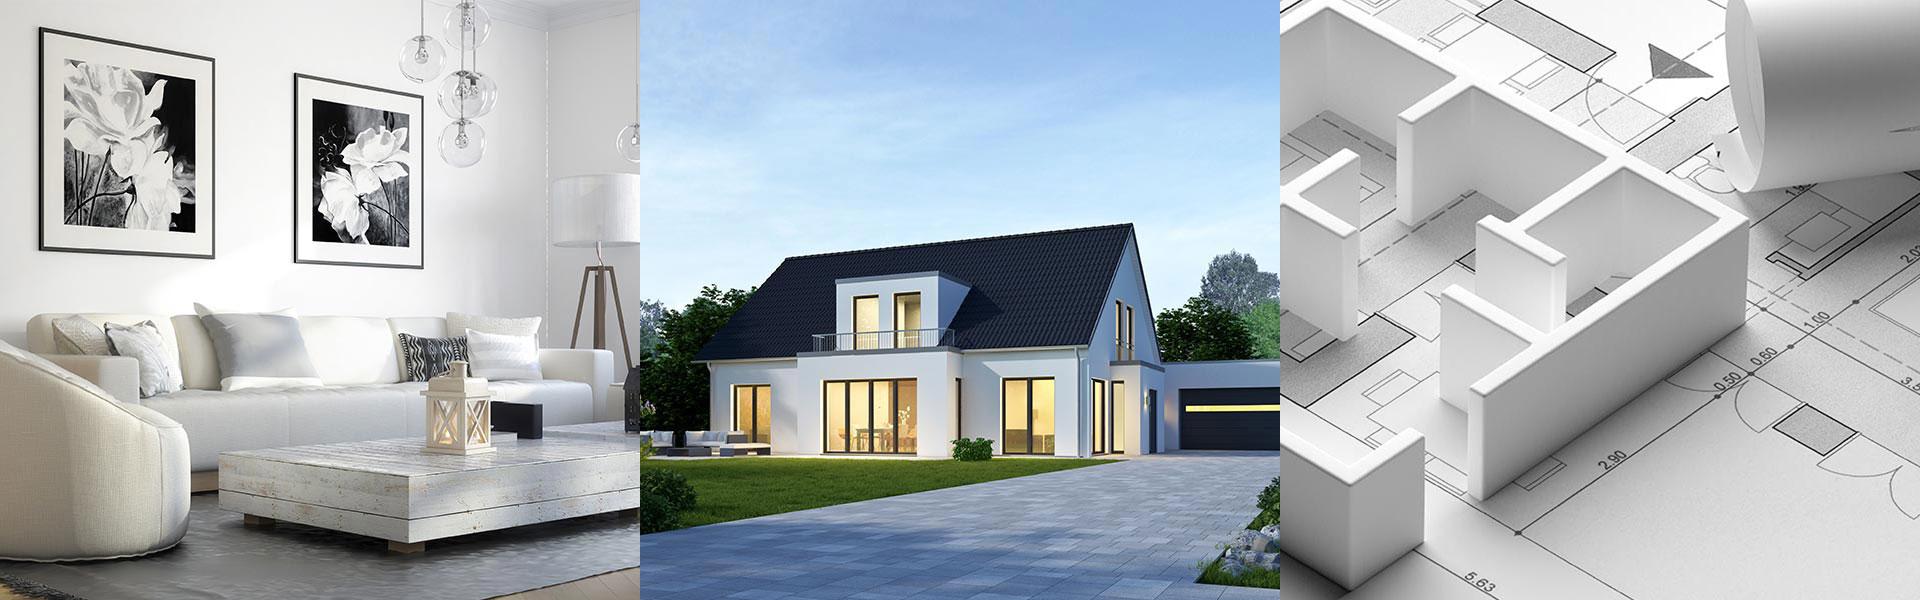 Wohnzimmer, Haus und Grundriss